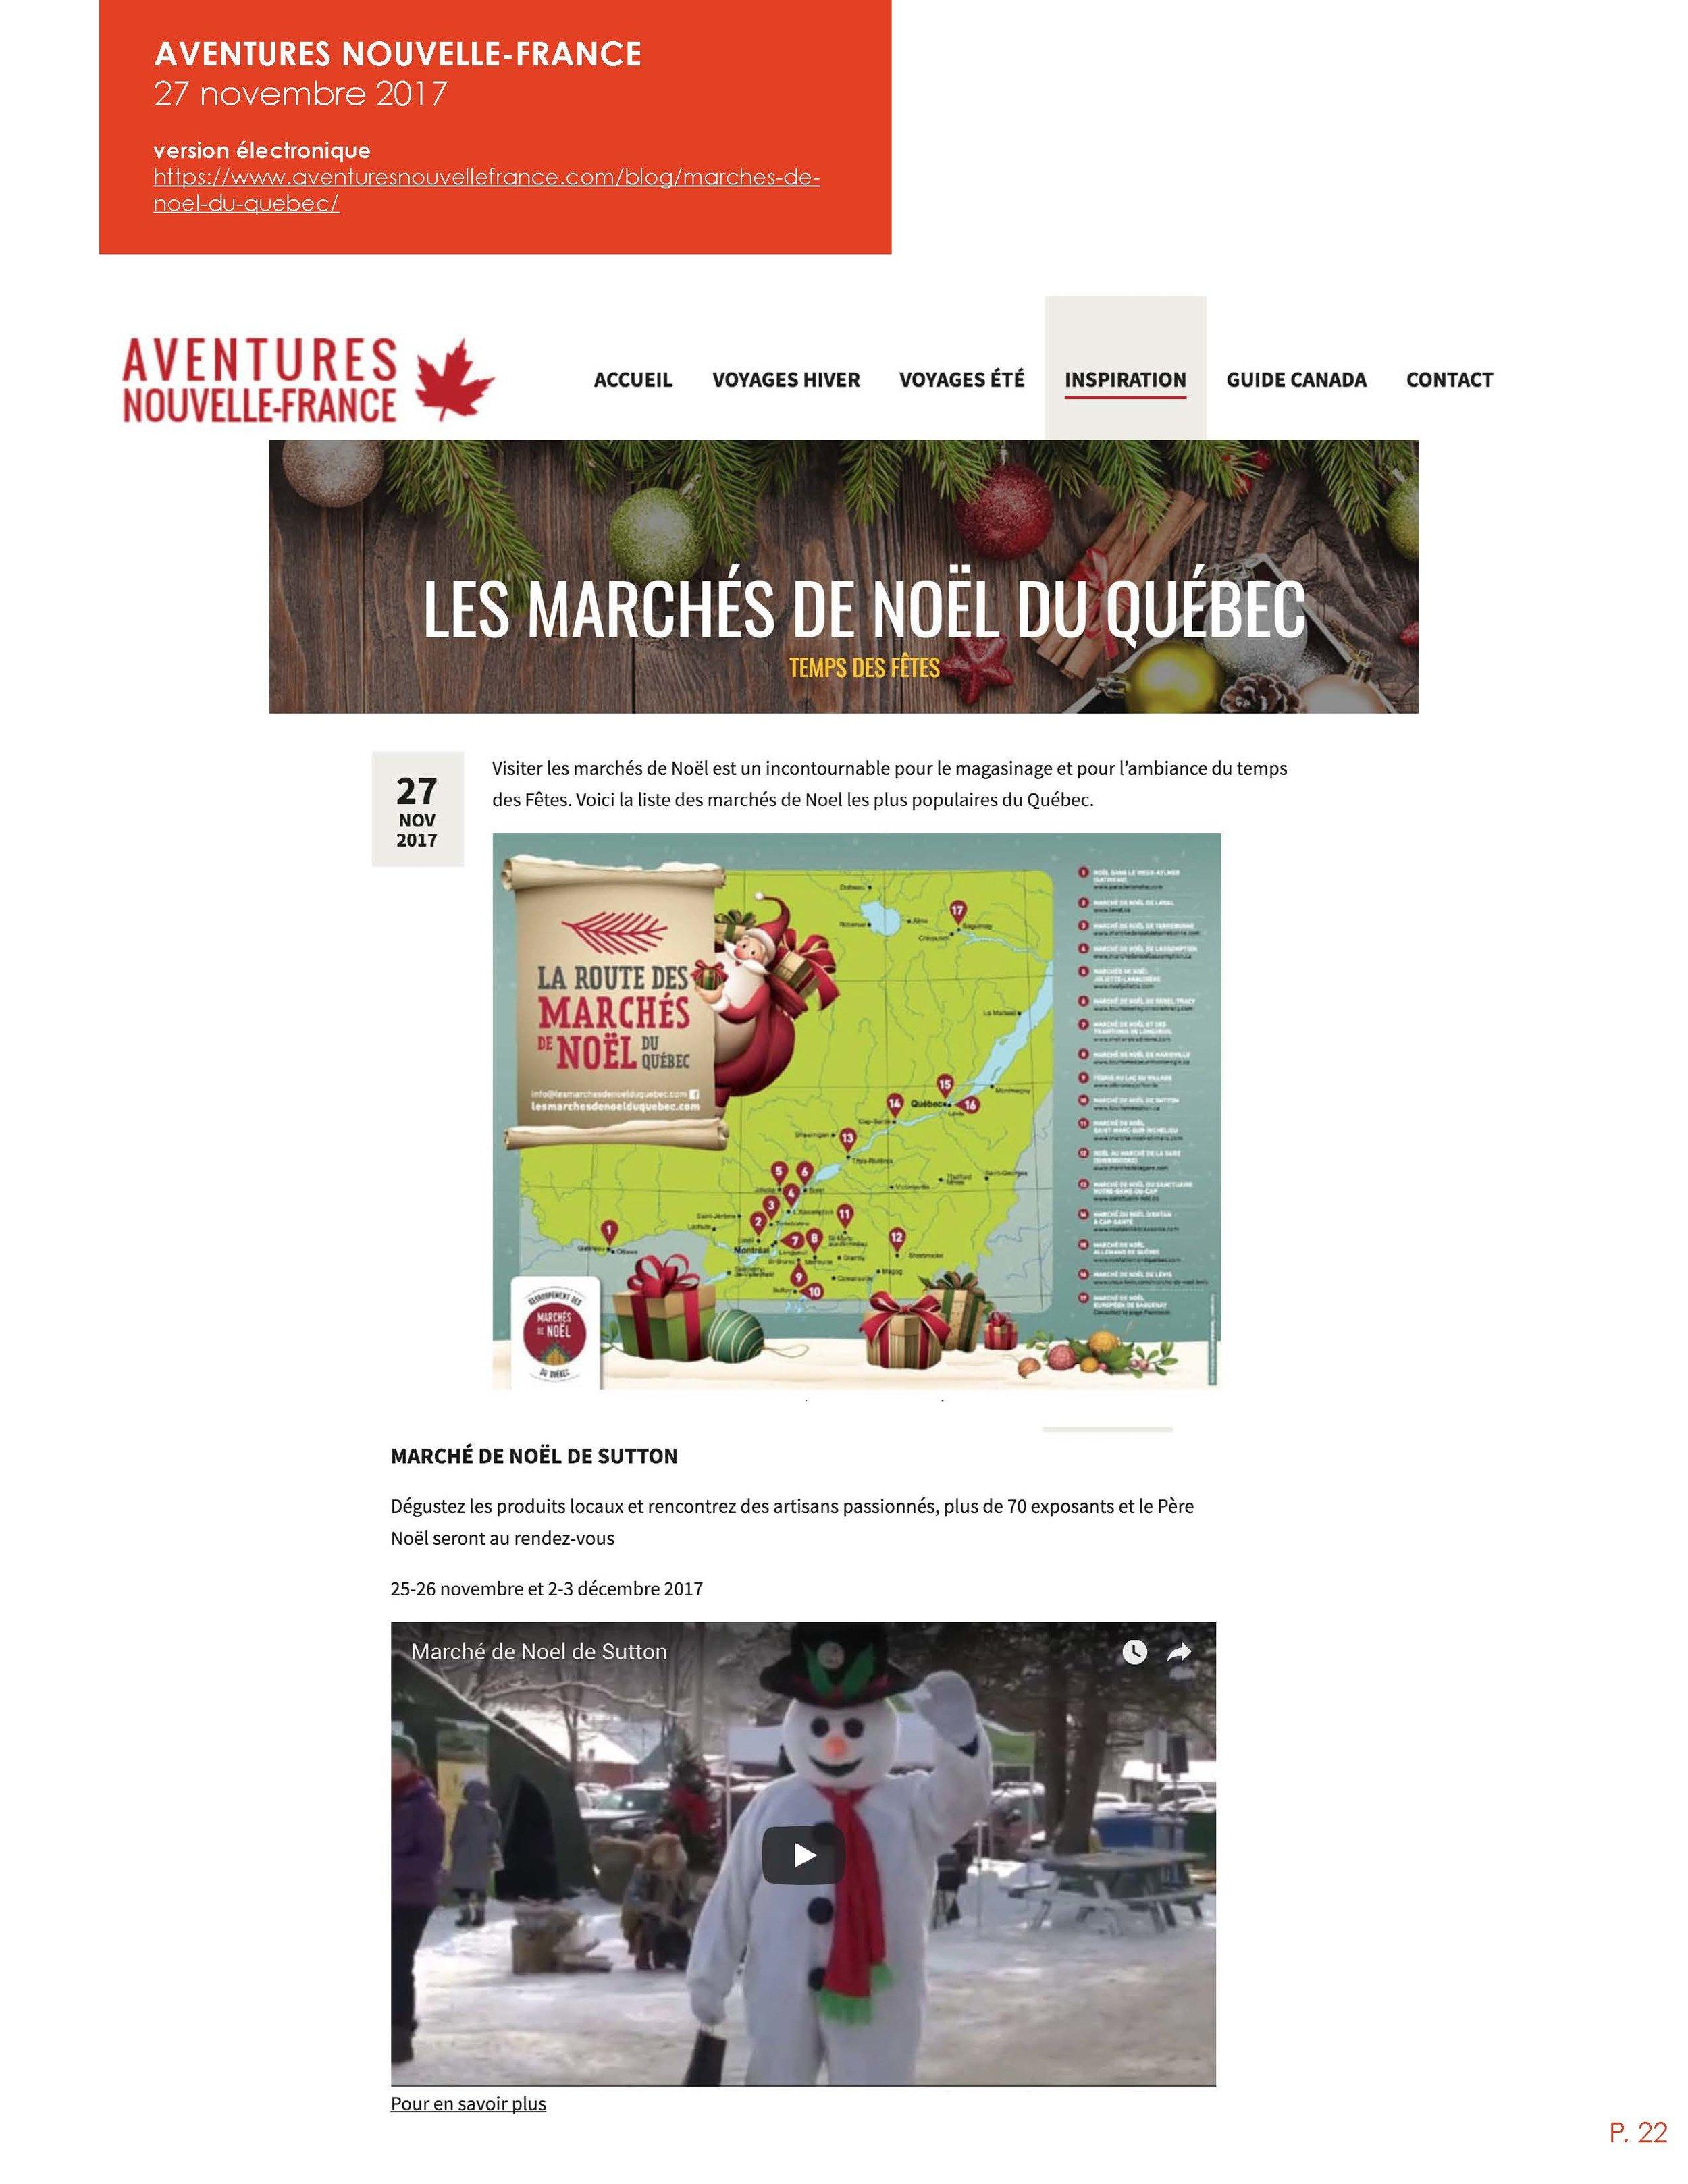 Revue de presse - MARCHÉ DE NOËL SUTTON 2017_Page_22.jpg